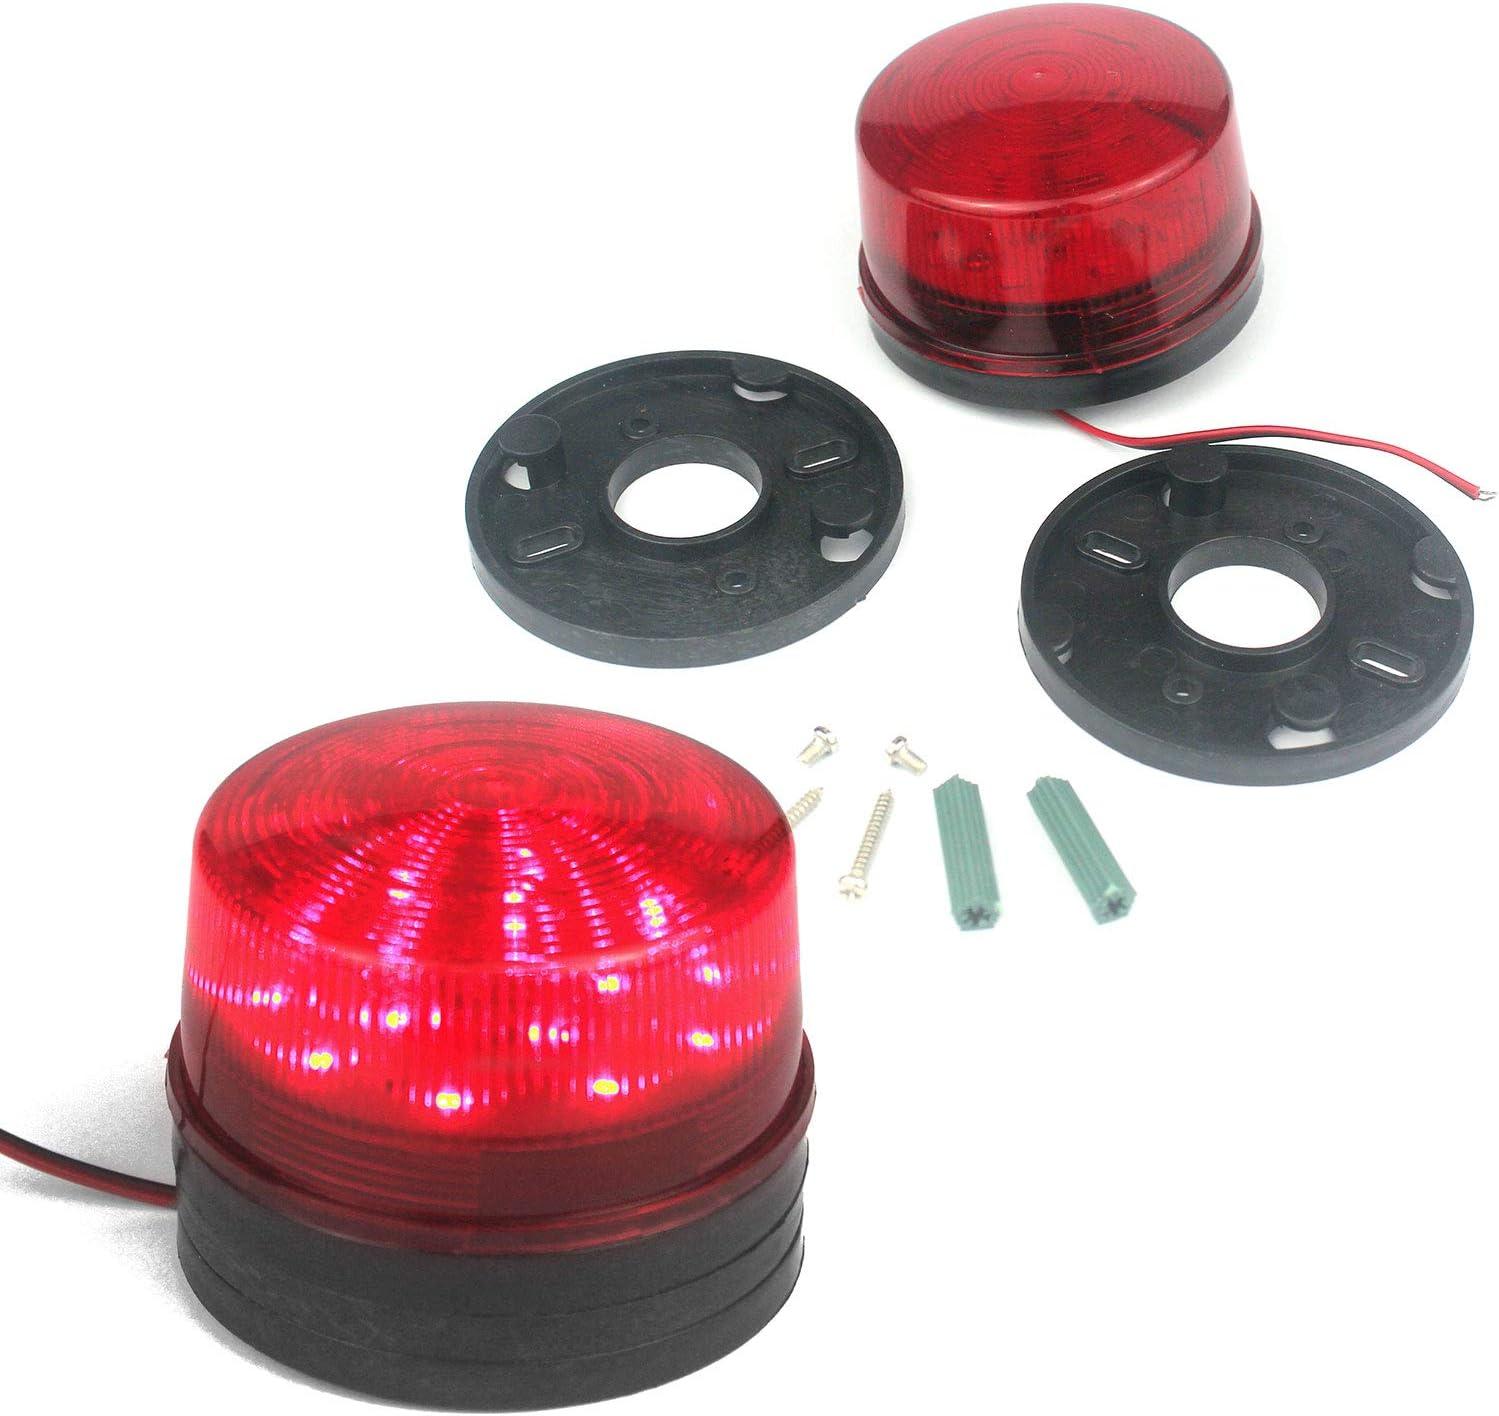 Wasserdicht 24V DC Sicherheit Blinkende LED Blitzleuchte Notruf-Warnblinkanlage Hohe Helligkeit Taikuwu Warnblinkanlage Warnleuchte Warnblinkanlage Warnleuchte 12